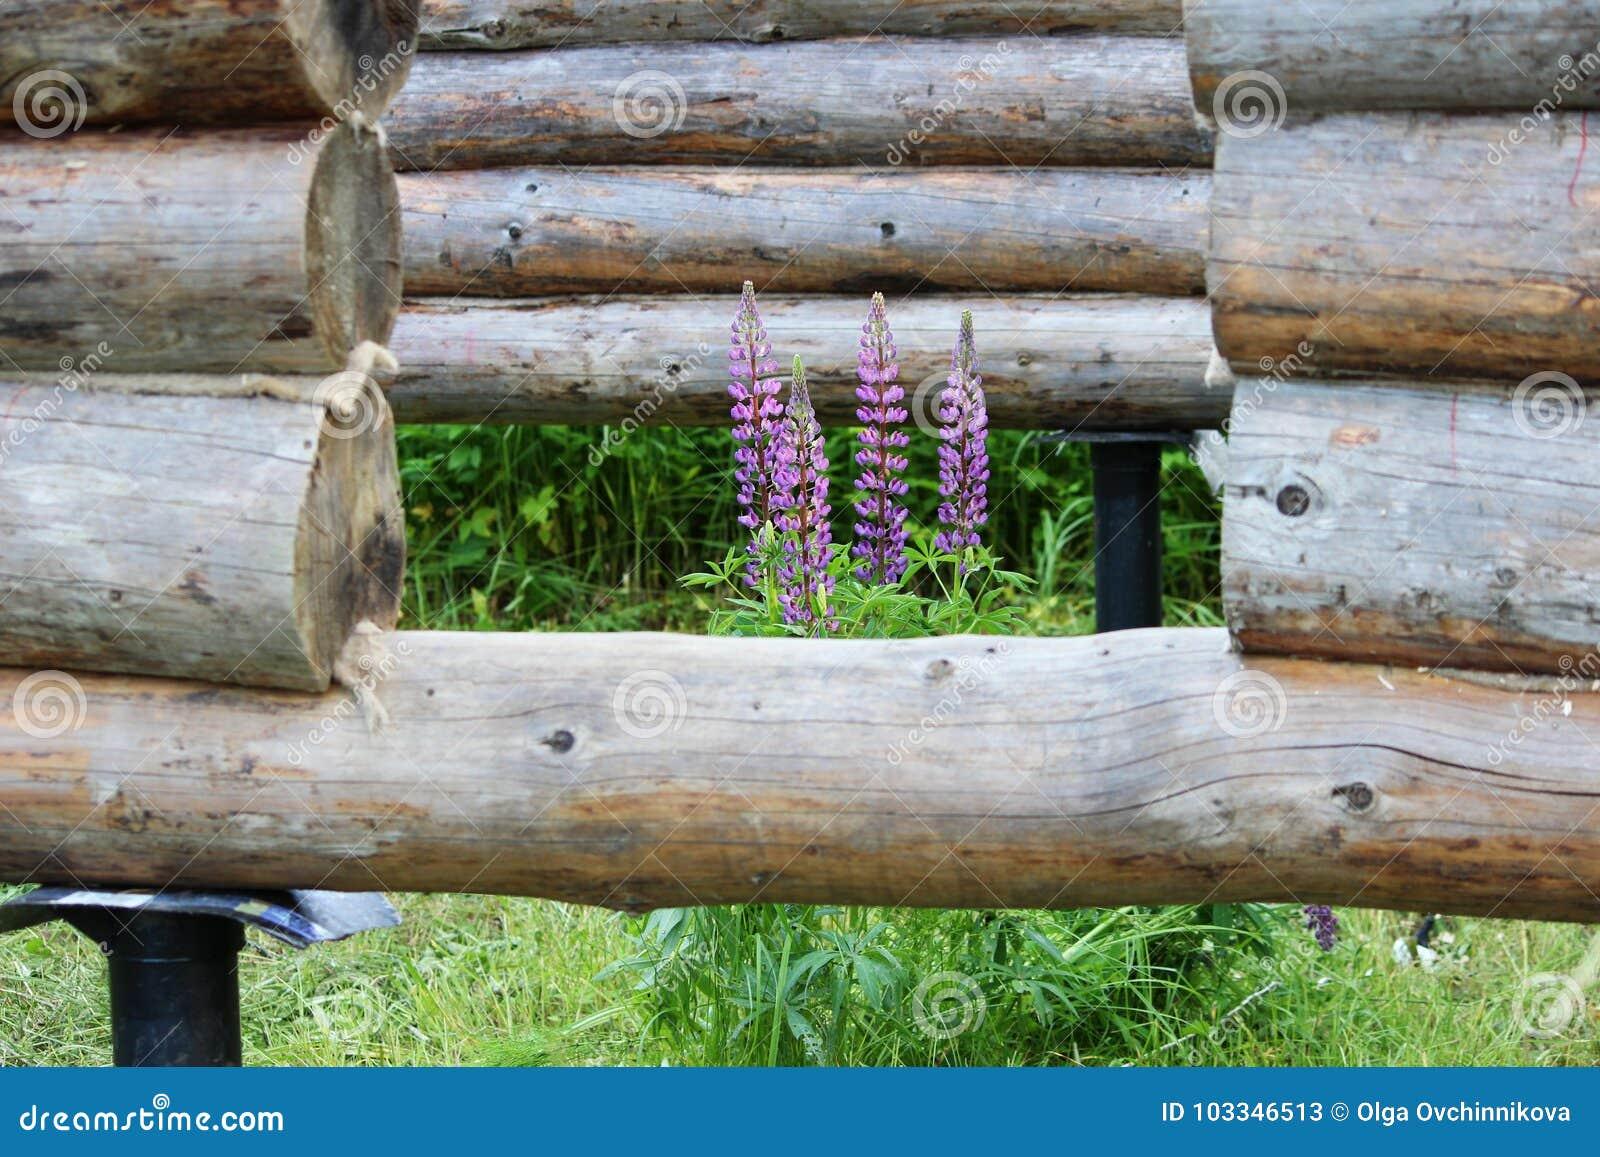 Einen Holzrahmen Und Das Bauen Eines Hauses Zusammenbauen Russland